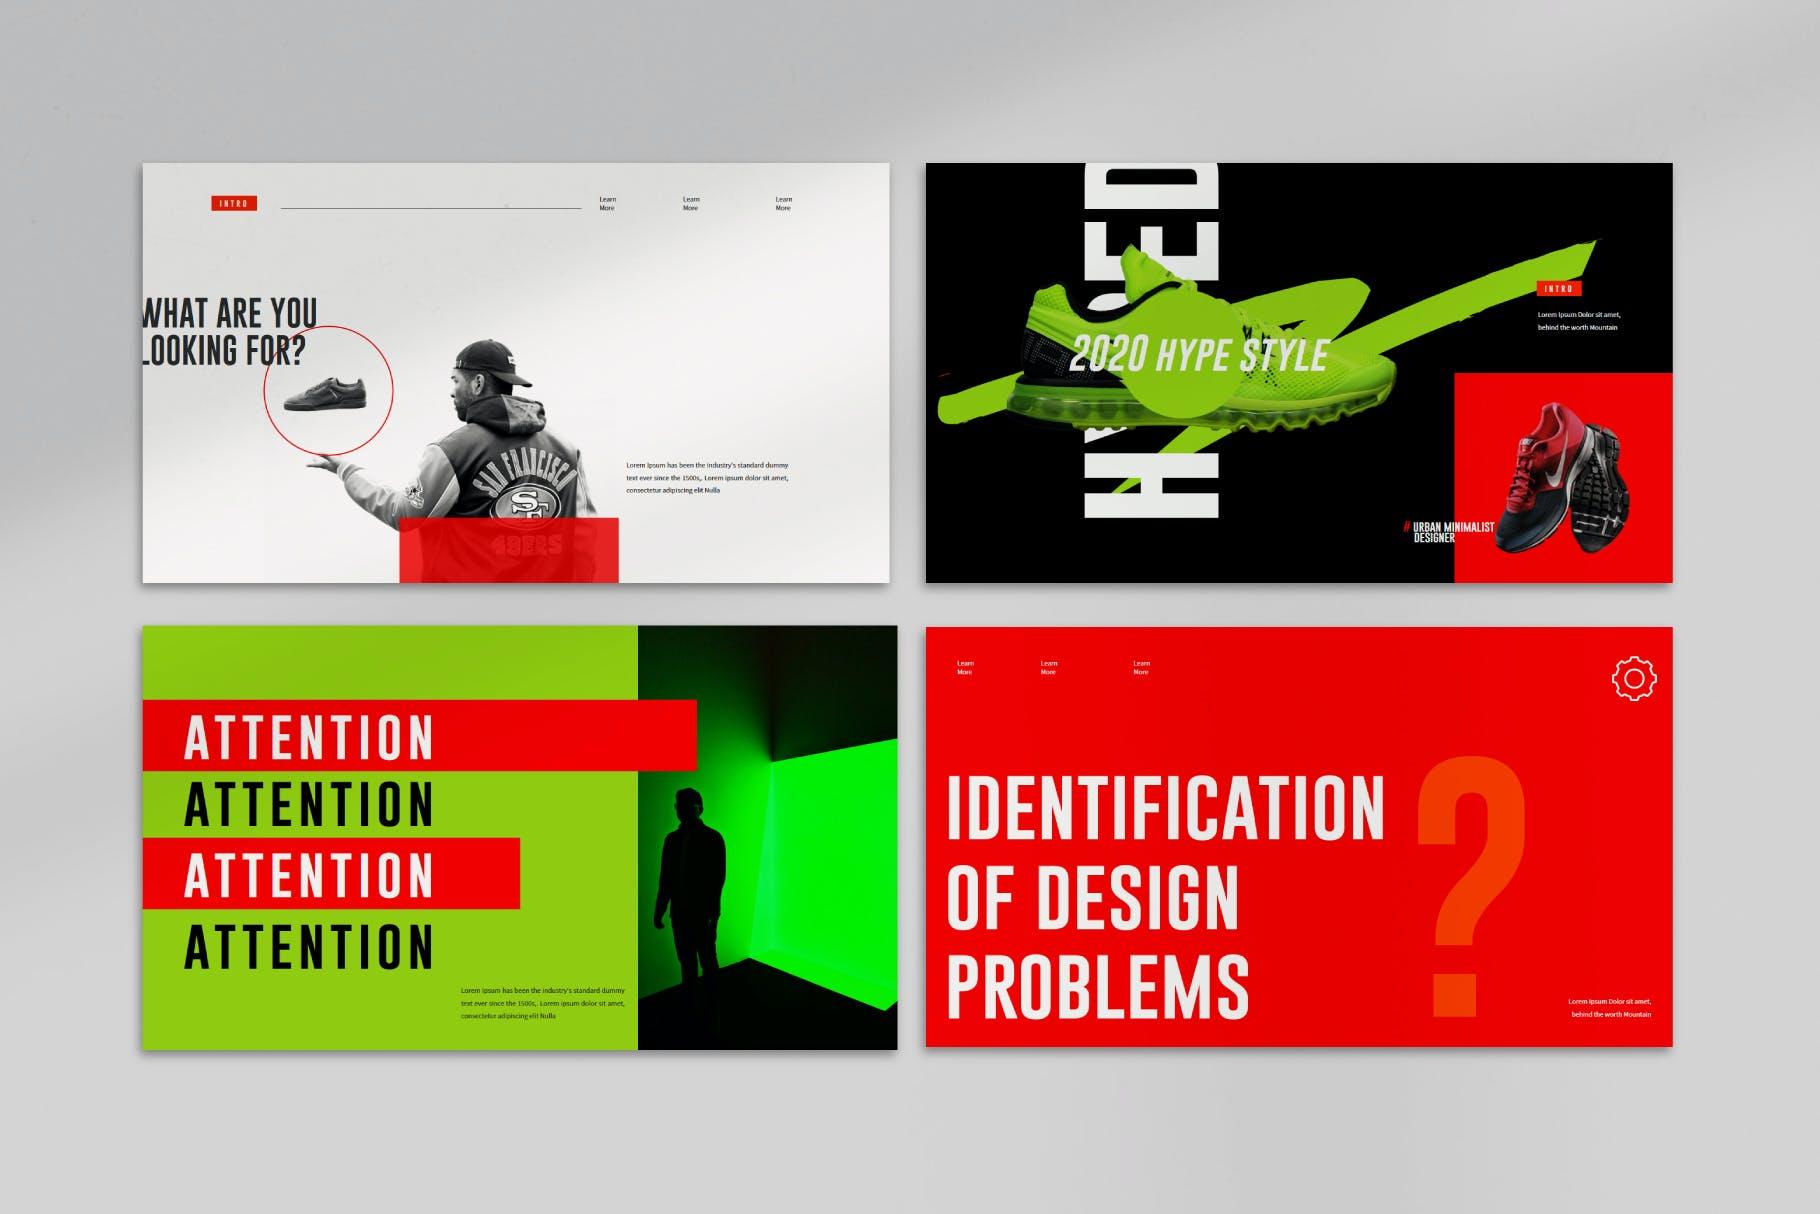 时尚潮流撞色运动潮牌品牌推广PPT演示文稿模板素材 Aerox – Powerpoint Template插图(3)